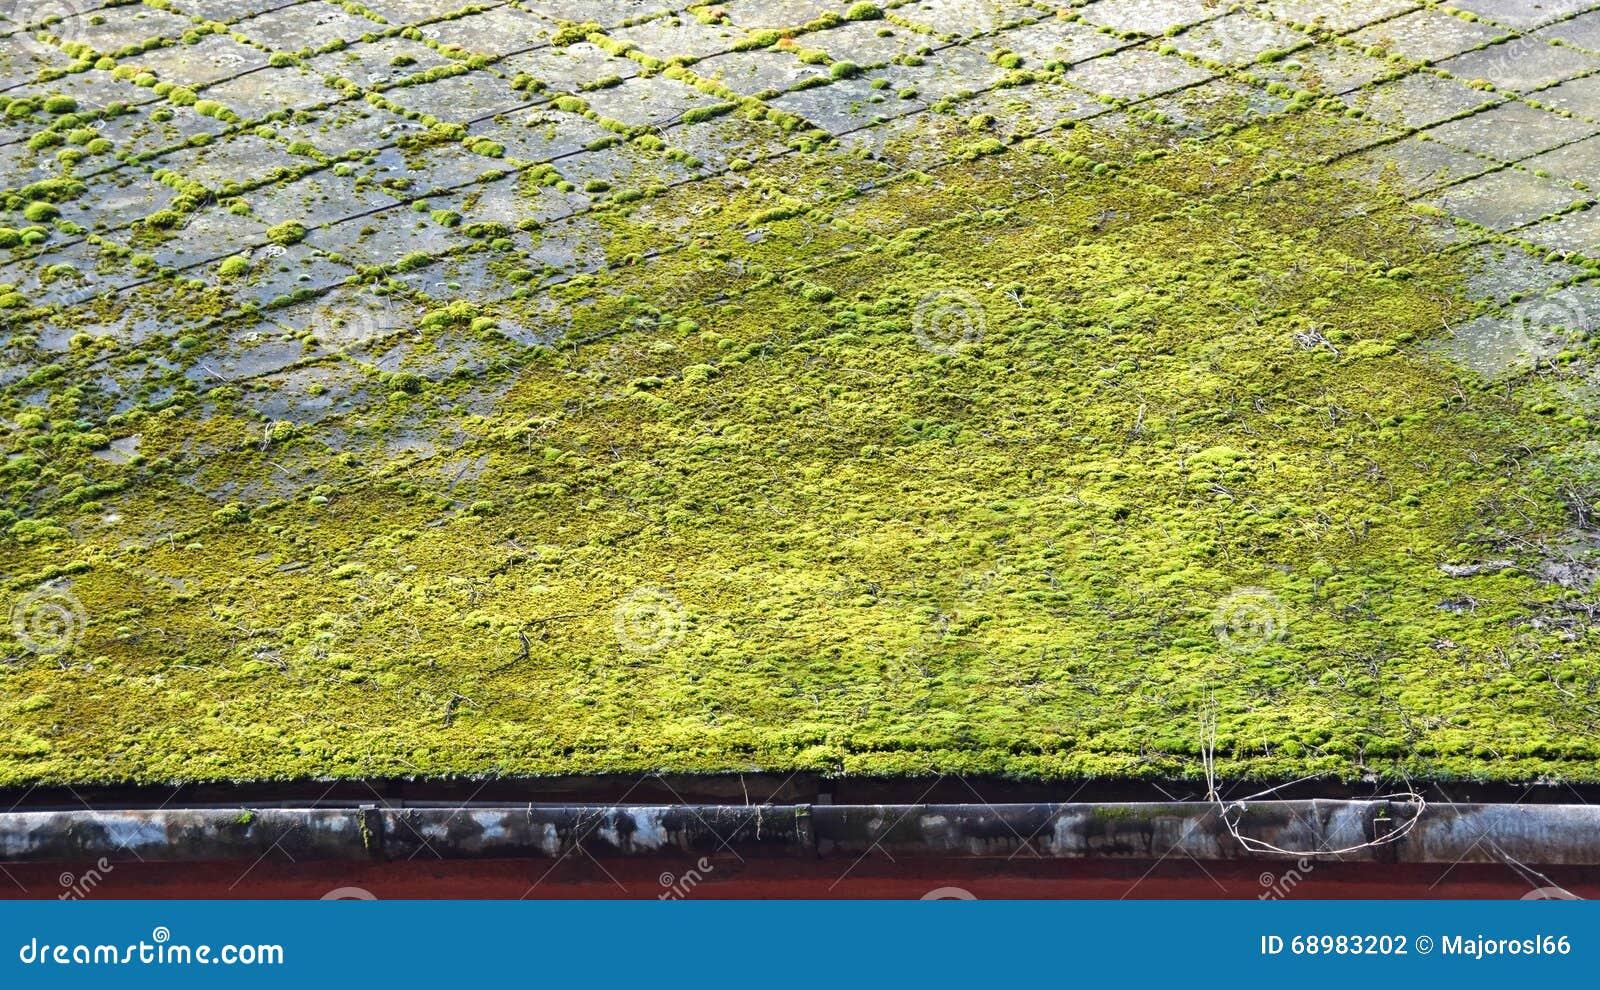 Musgo en el tejado de un edificio